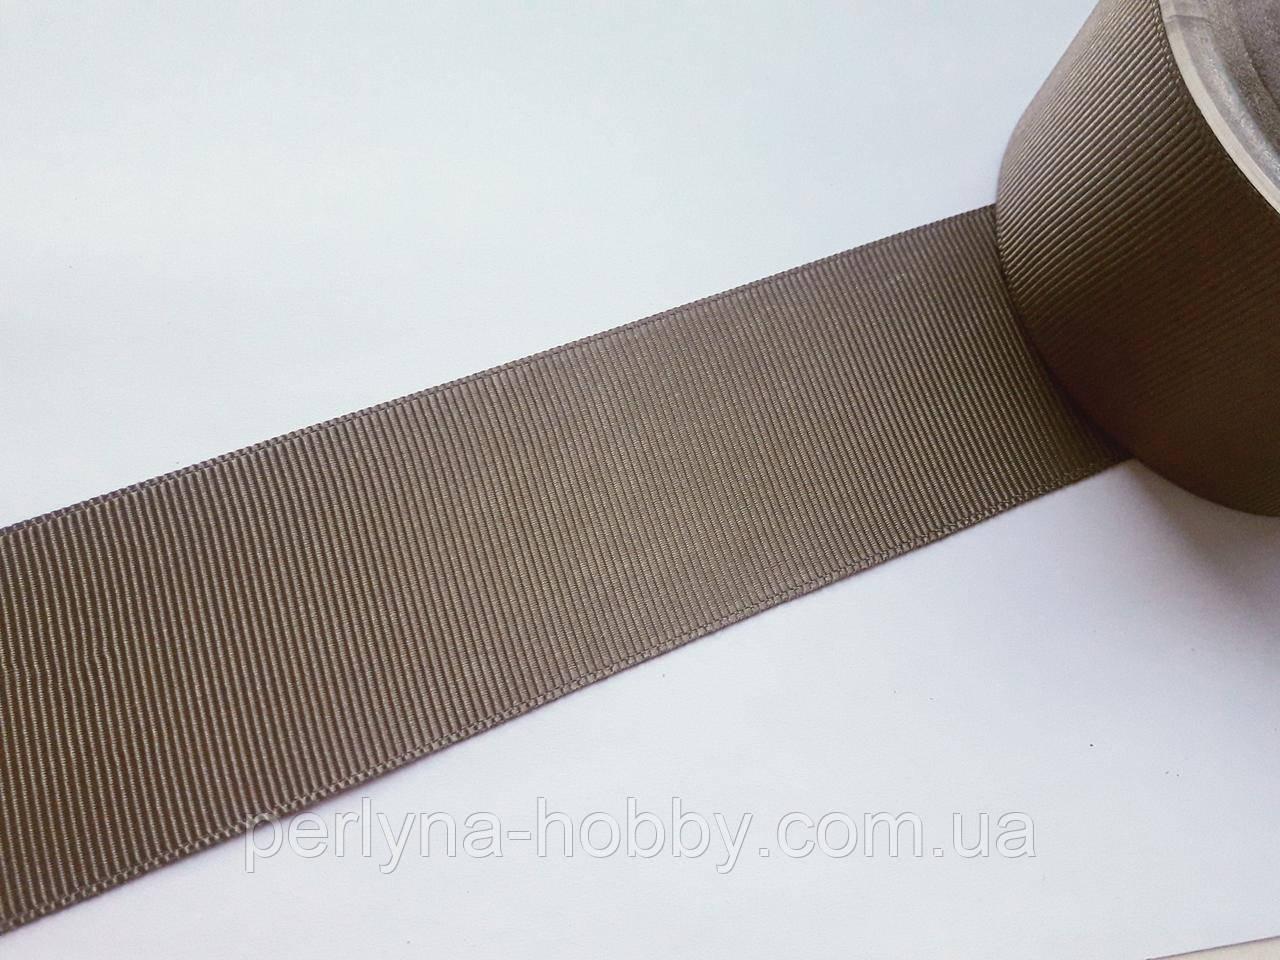 Тесьма лента репсовая Стрічка репсова широка, 50 мм, темно-бежева, капучіно. Туреччина. 1 метр